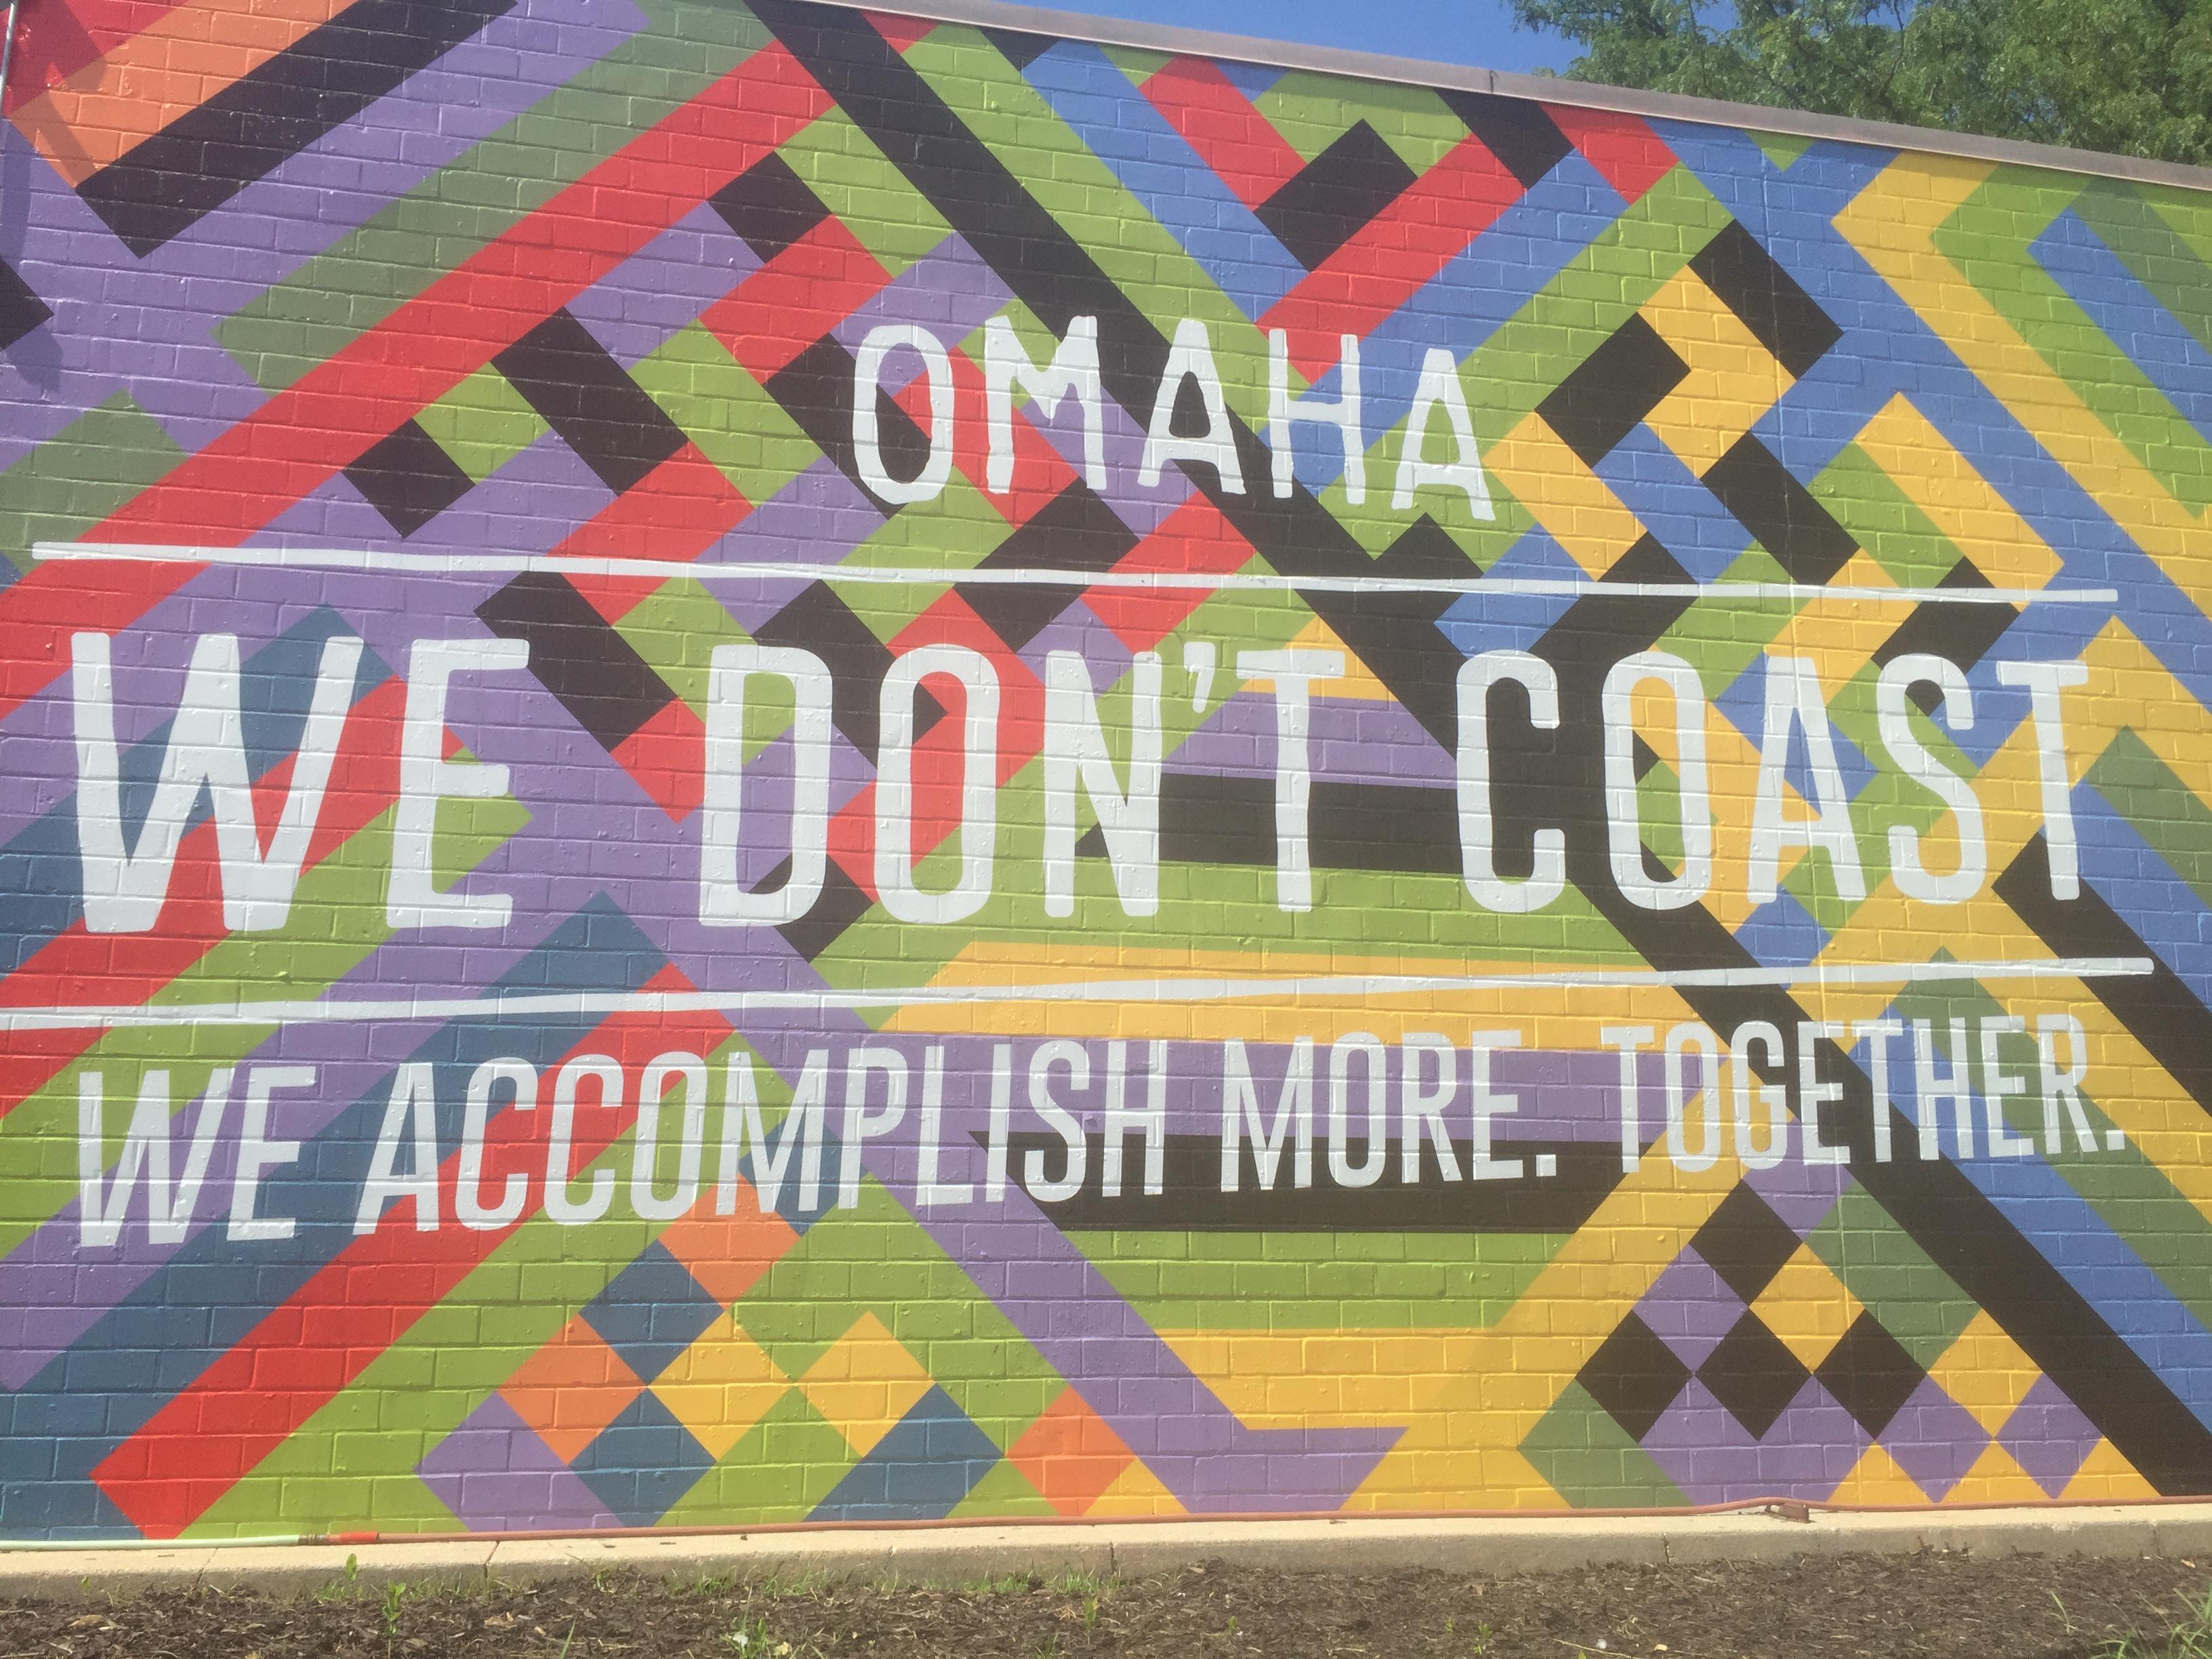 City of Omaha - We Don't Coast